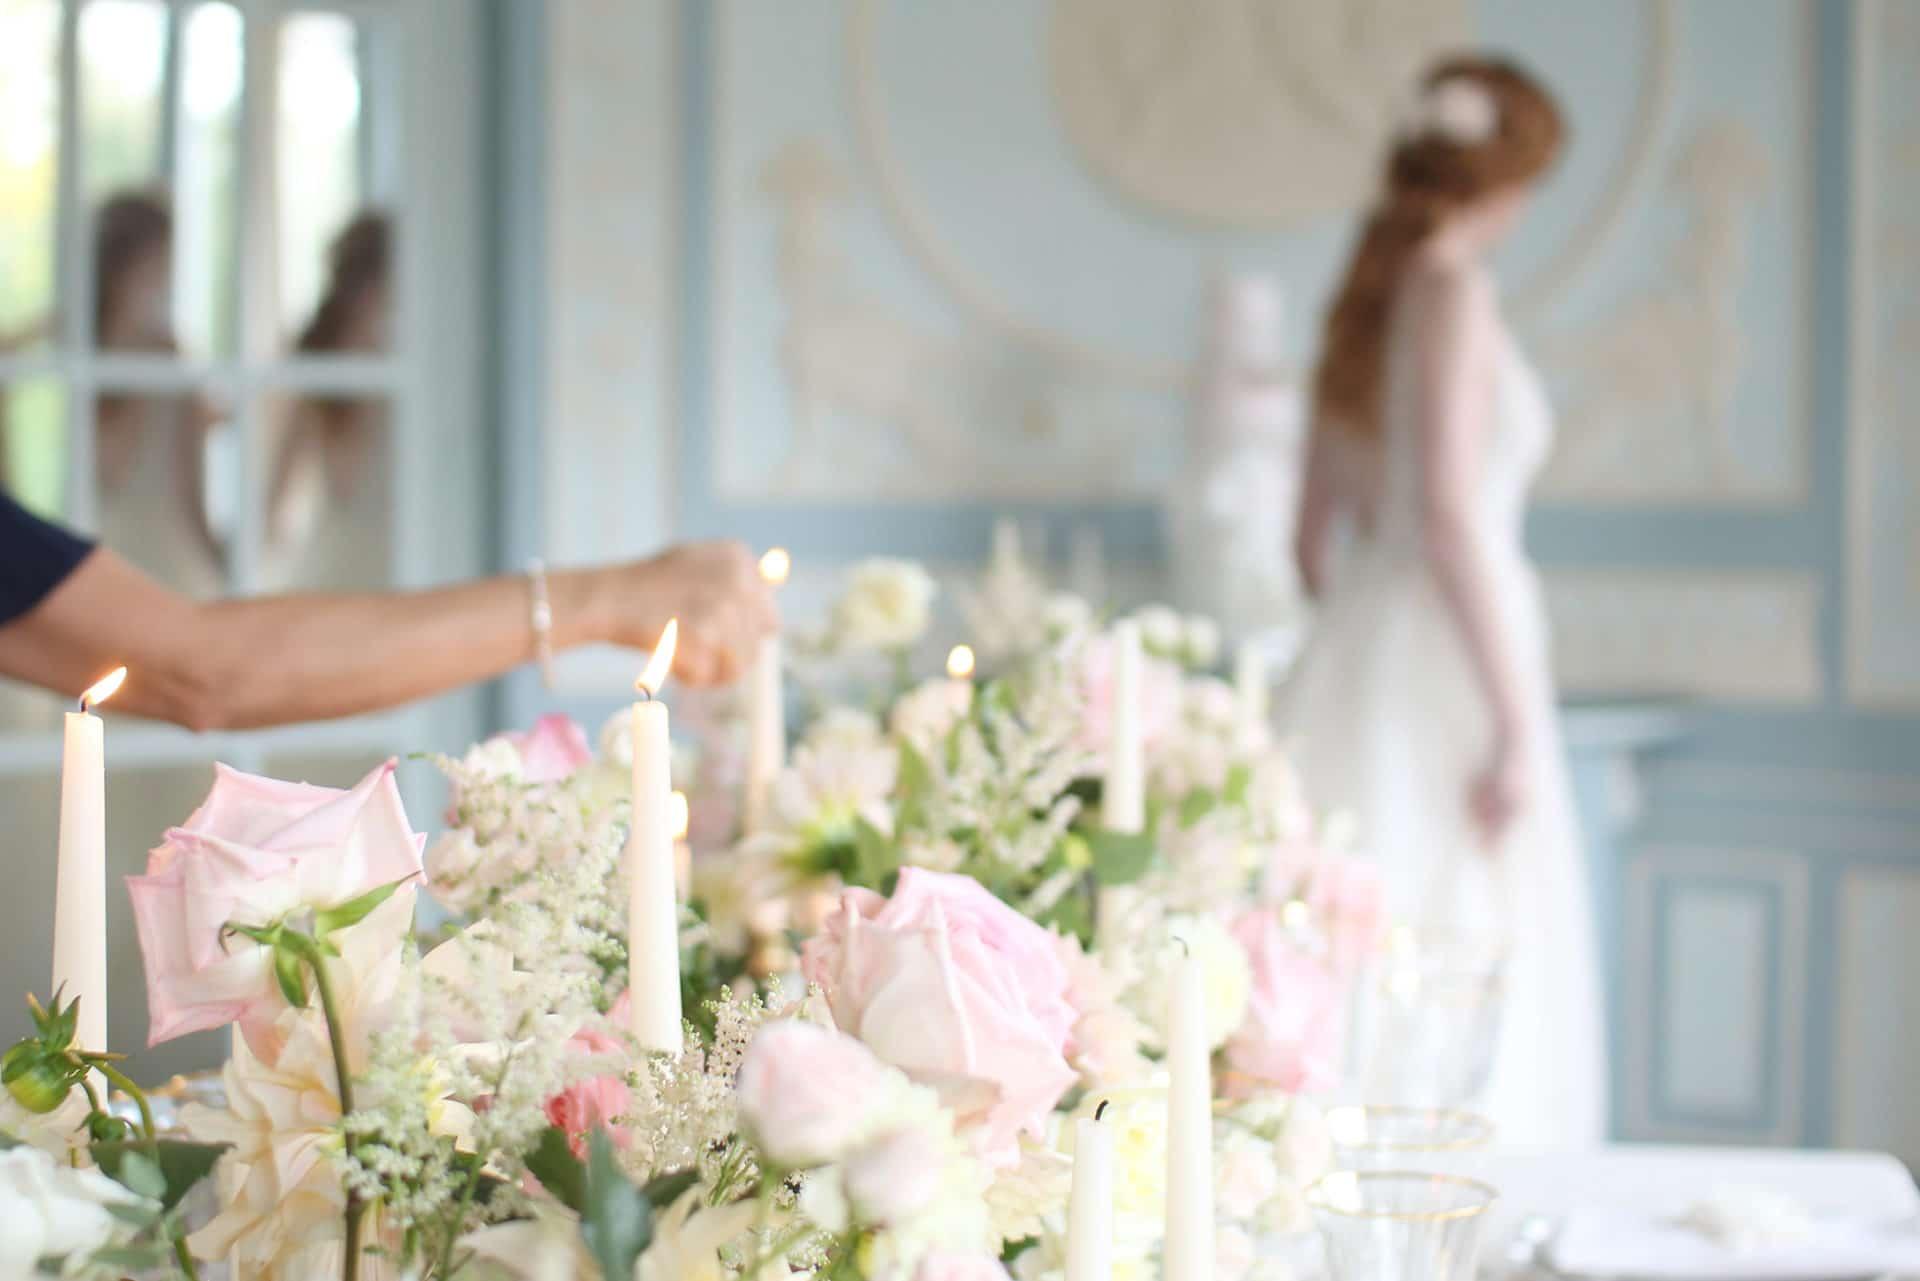 ambiance digne des plus luxueux mariages